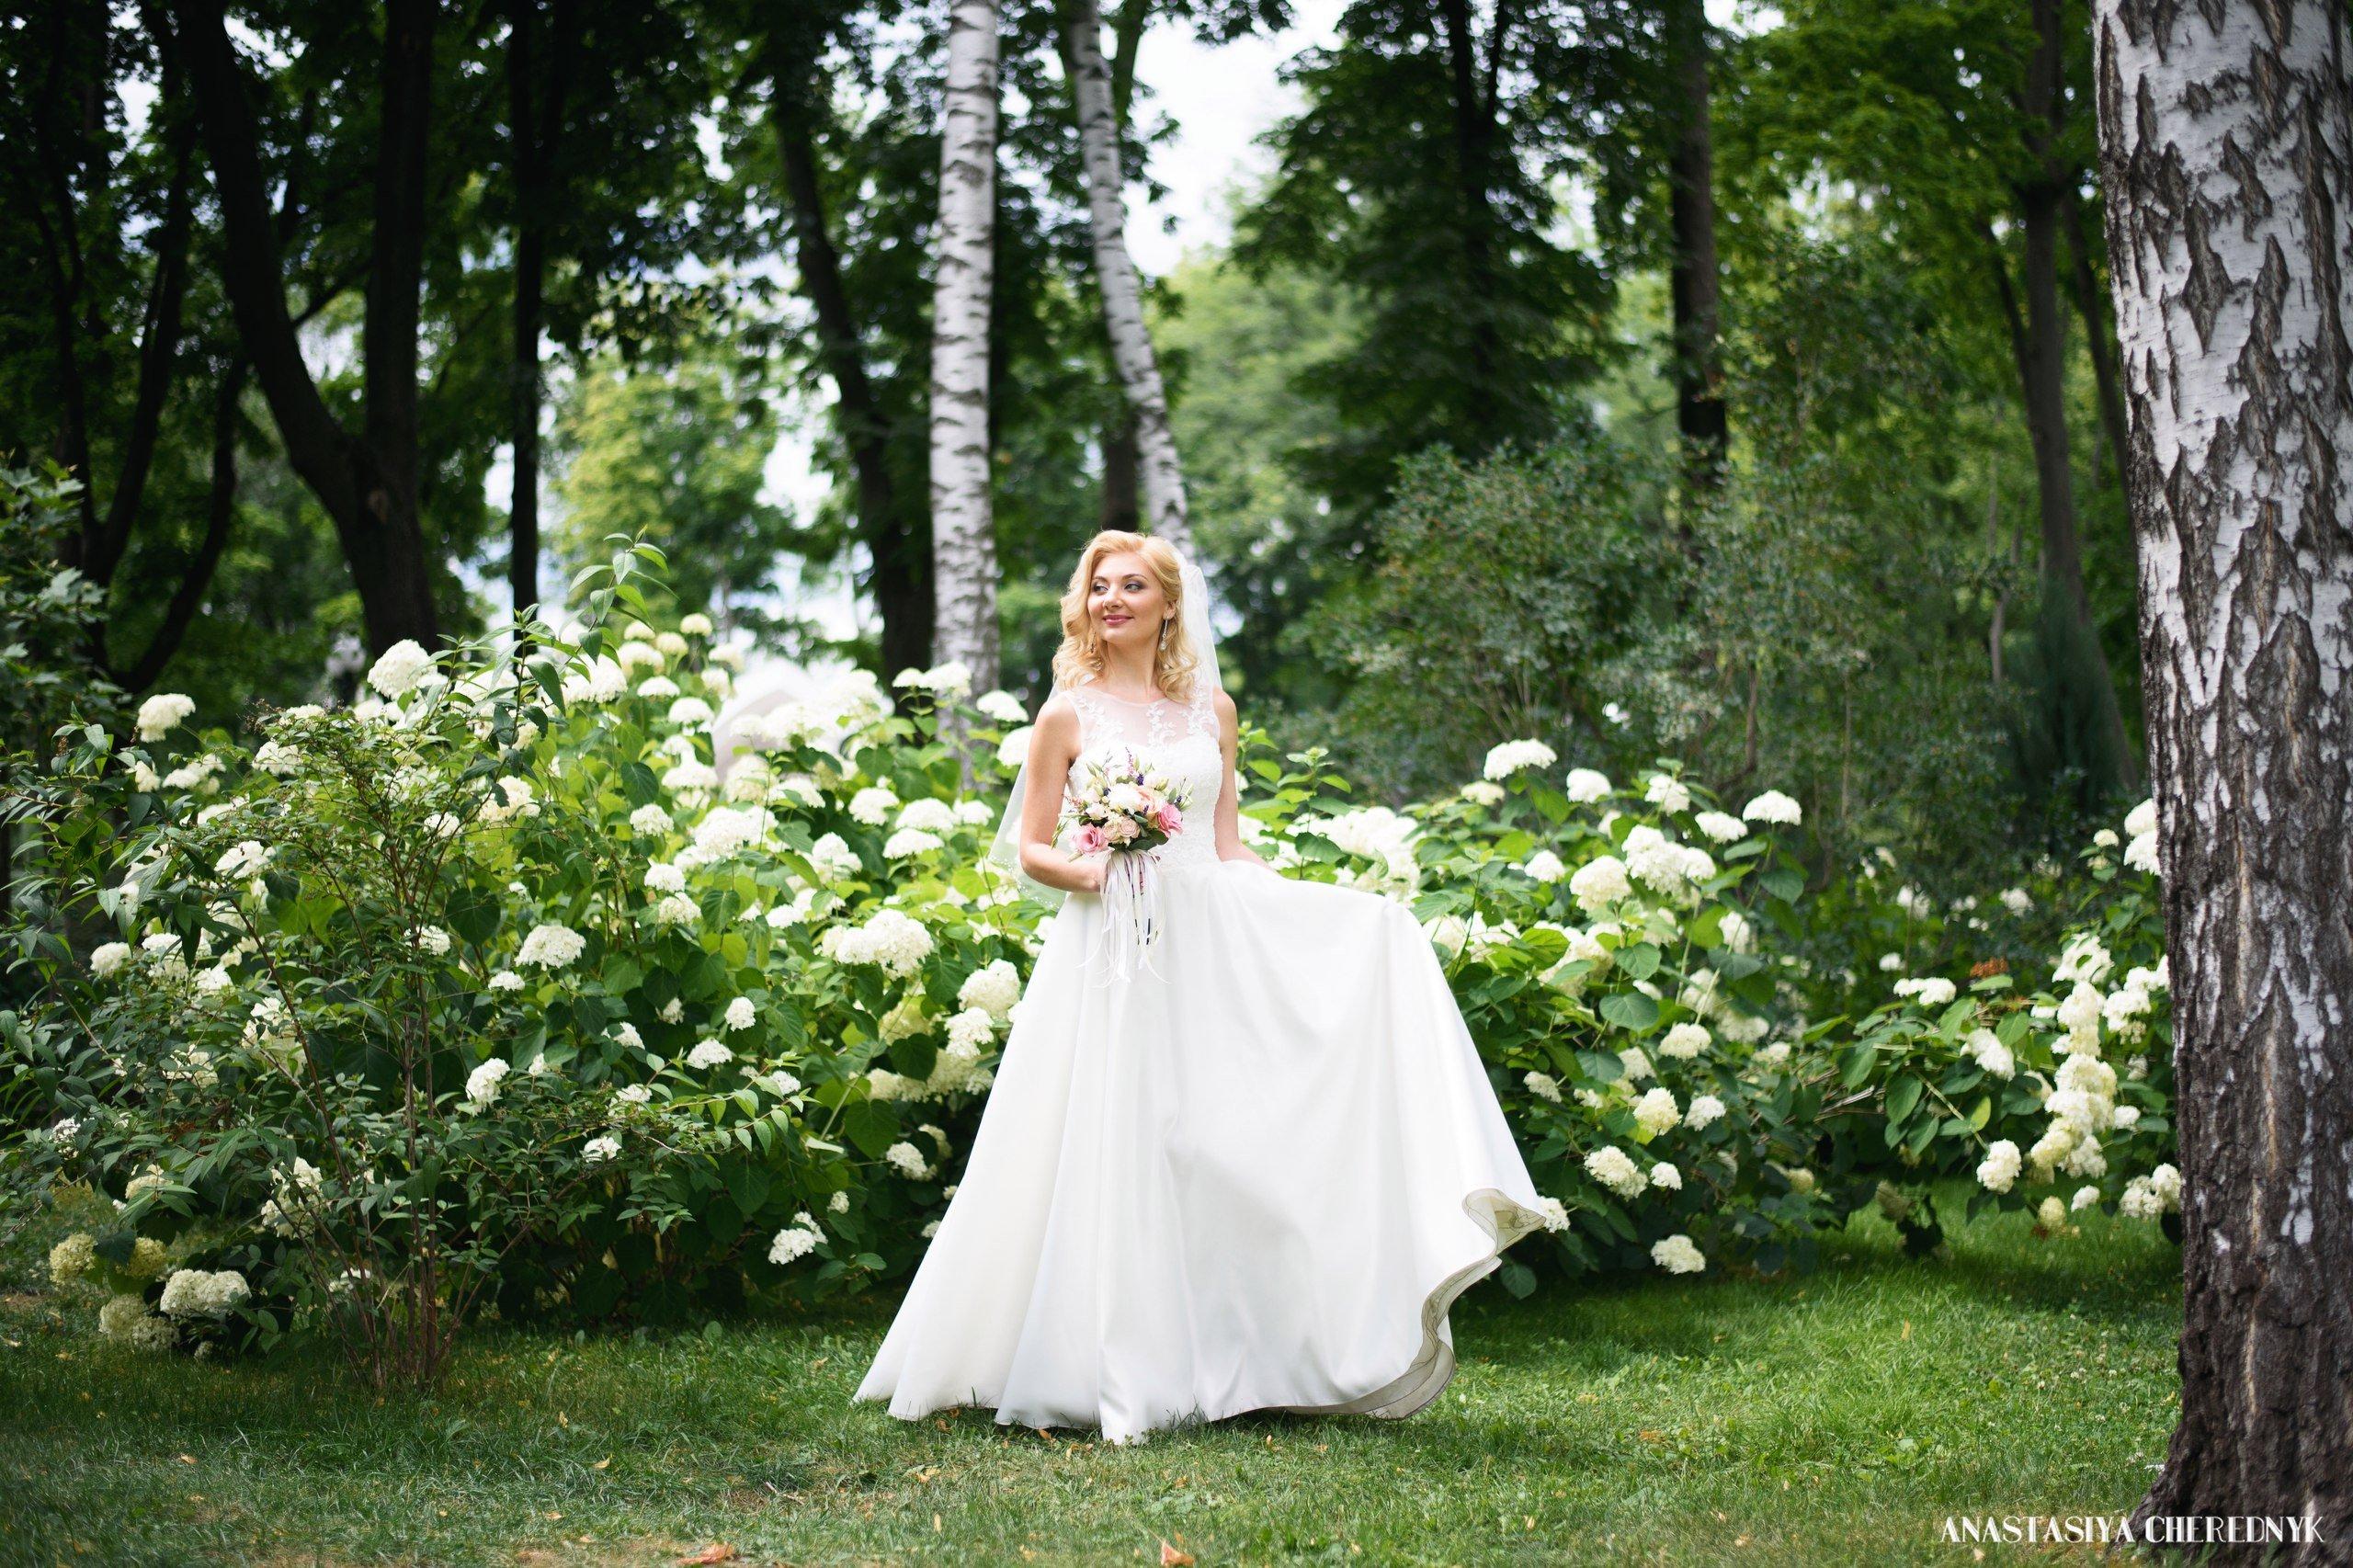 соборе, свадебные фотографы в харькове с ценами омбре